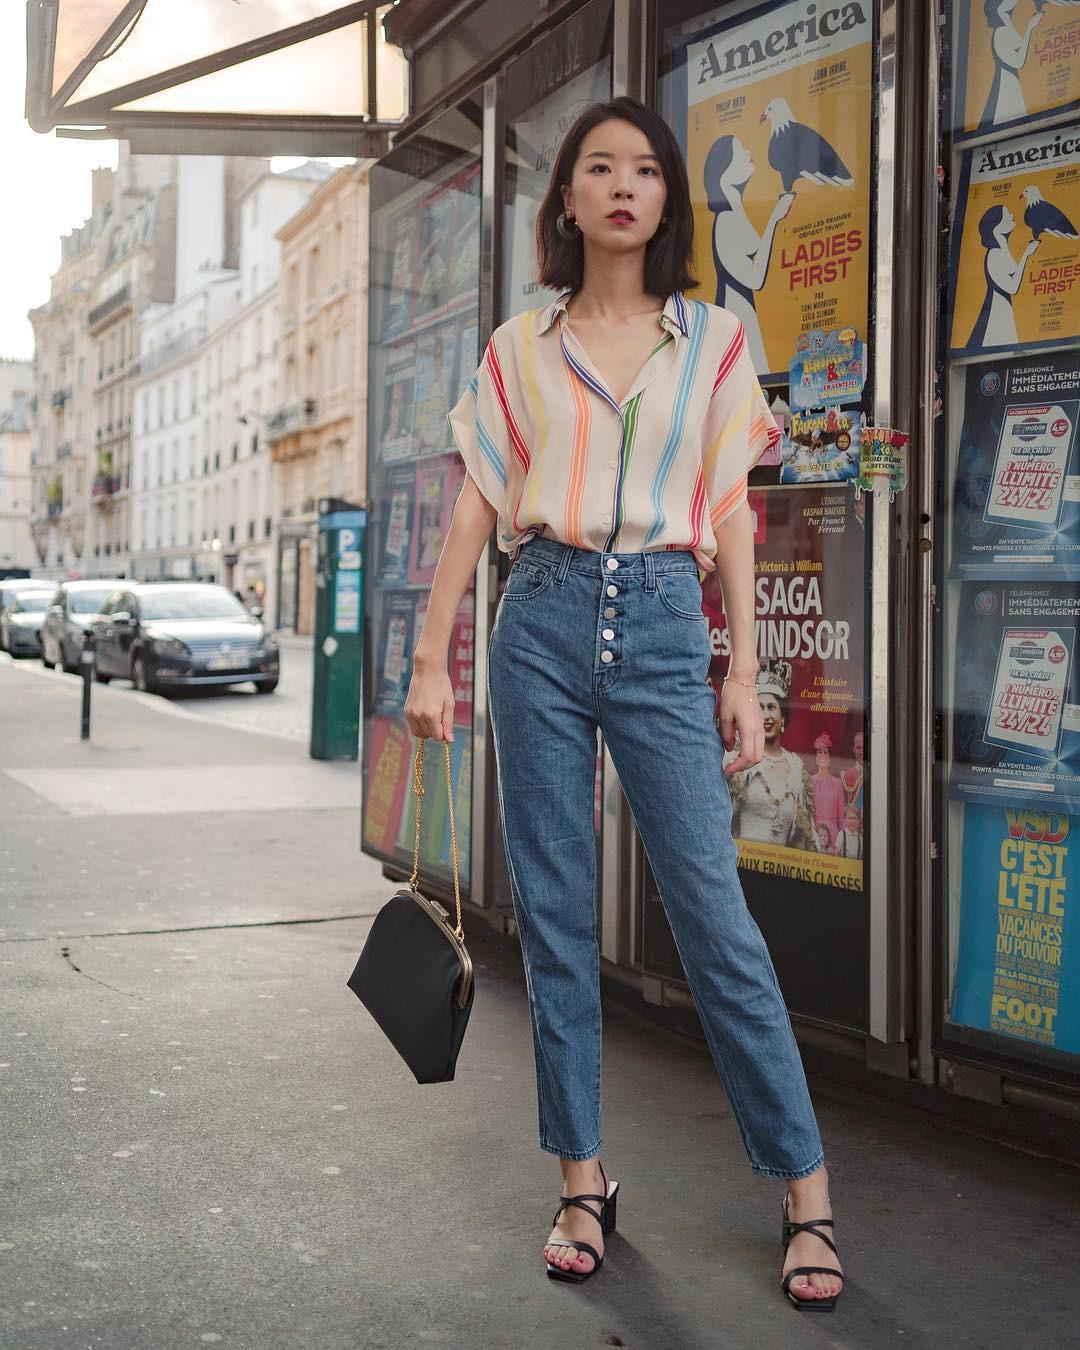 Mặc quần jeans đến công sở: Bạn không nên nhắm mắt diện bừa mà hãy tham khảo 3 tips sau - Ảnh 2